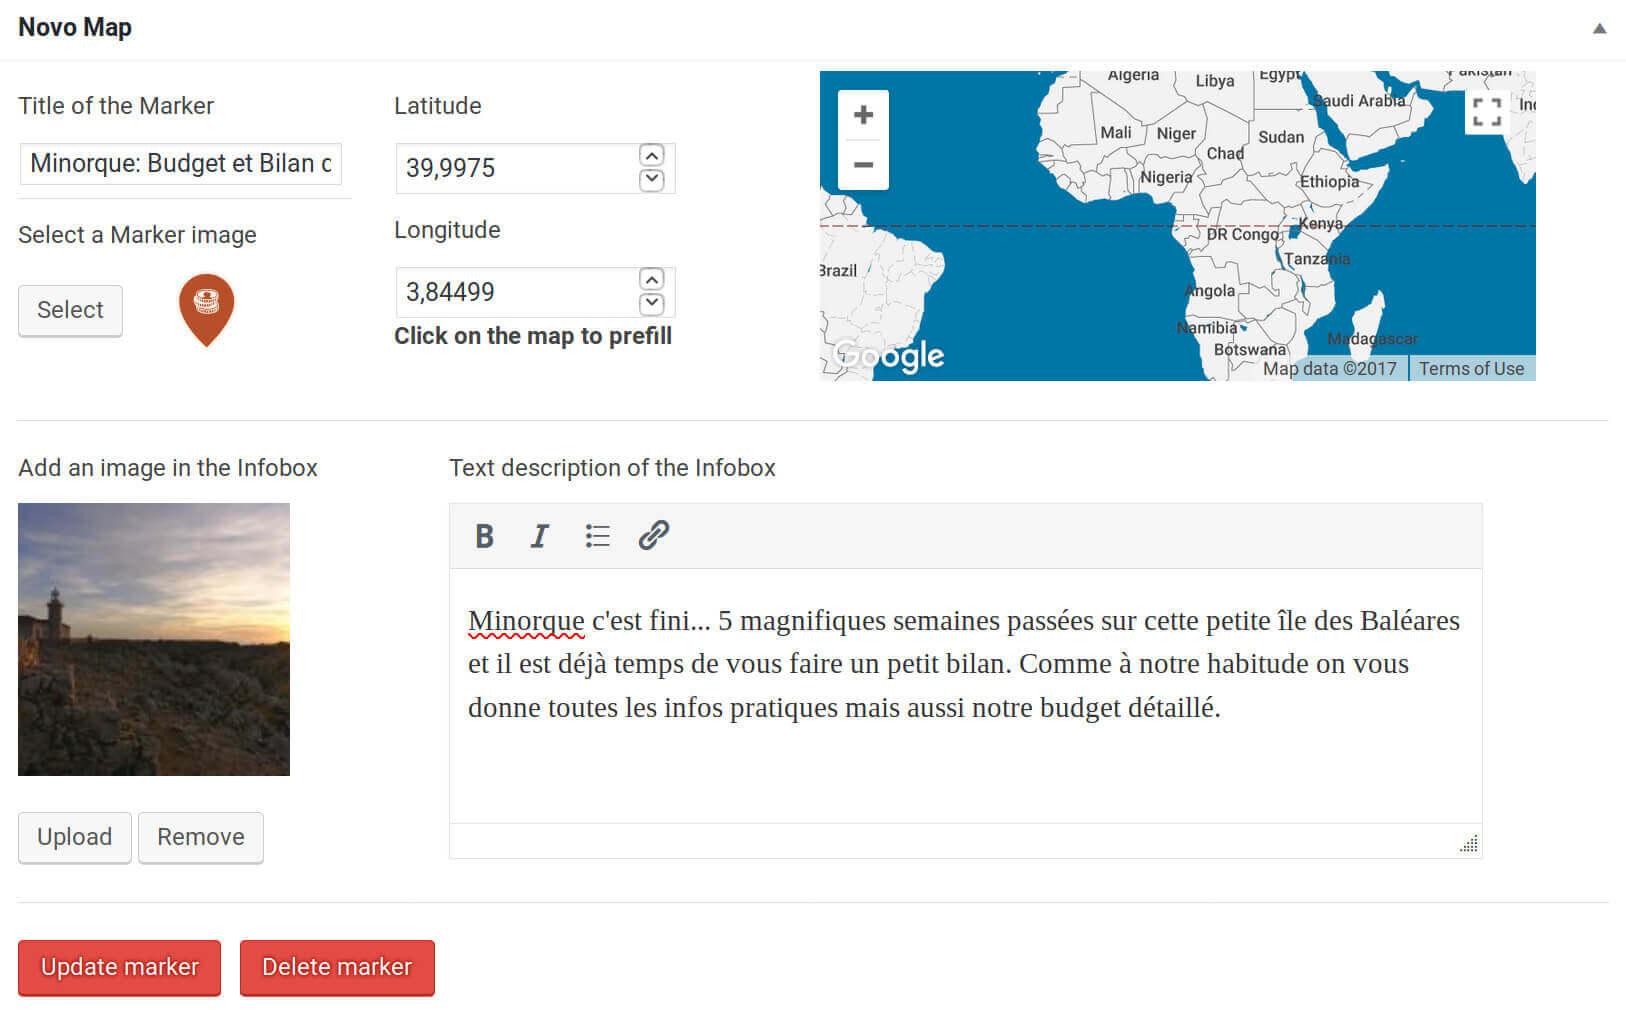 novo-map post admin menu